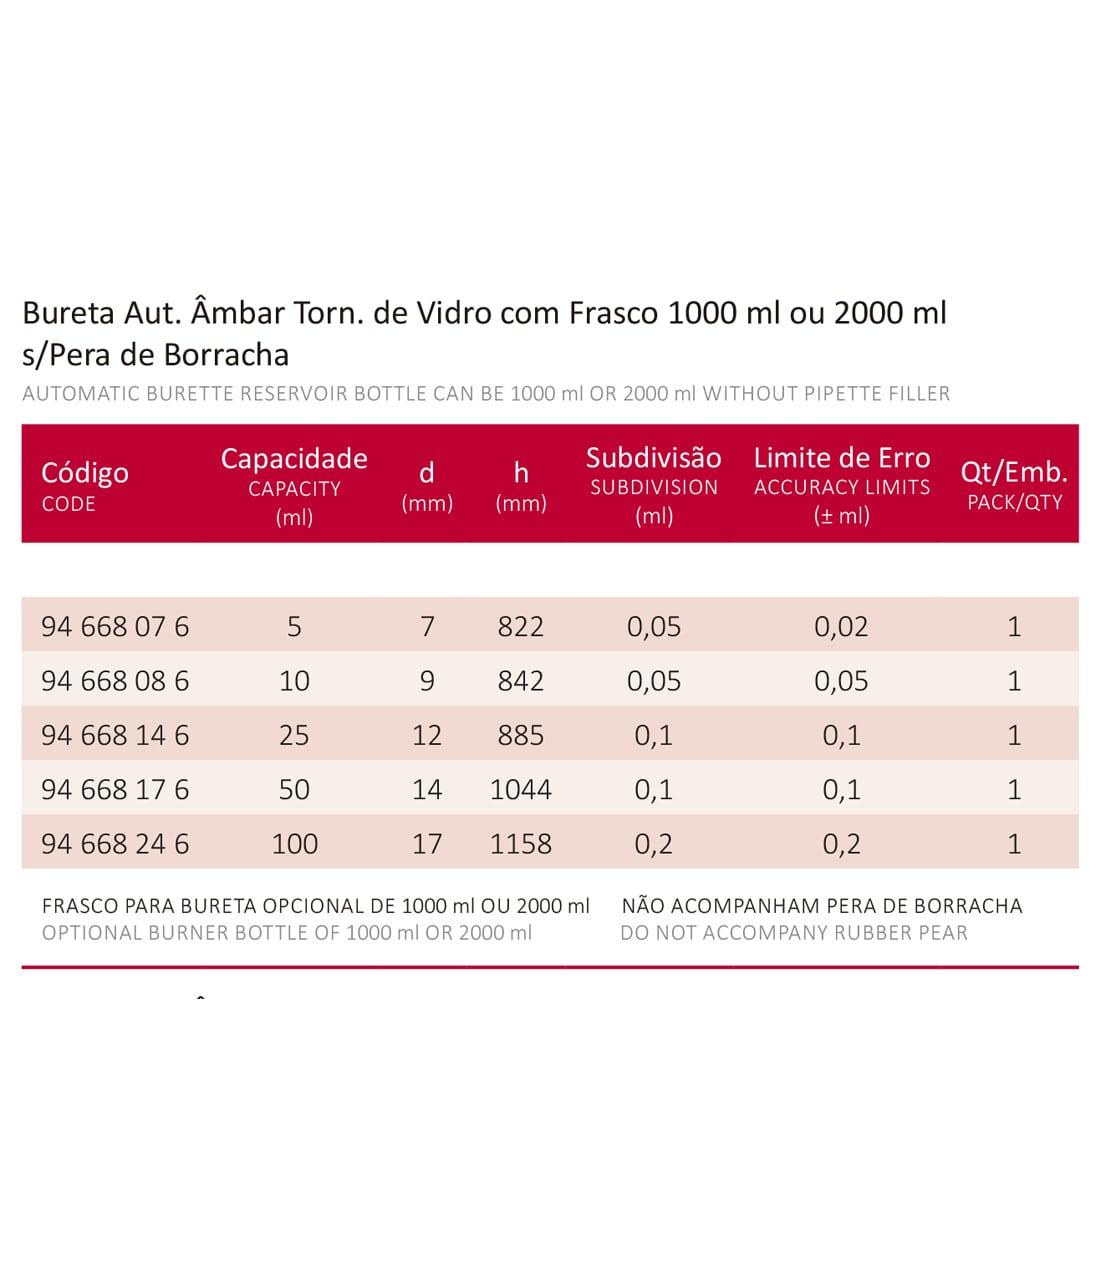 BURETA AUTOMÁTICA ÂMBAR TORN. DE VIDRO C/FRASCO 100 ML - Laborlas - Cód. 94668246